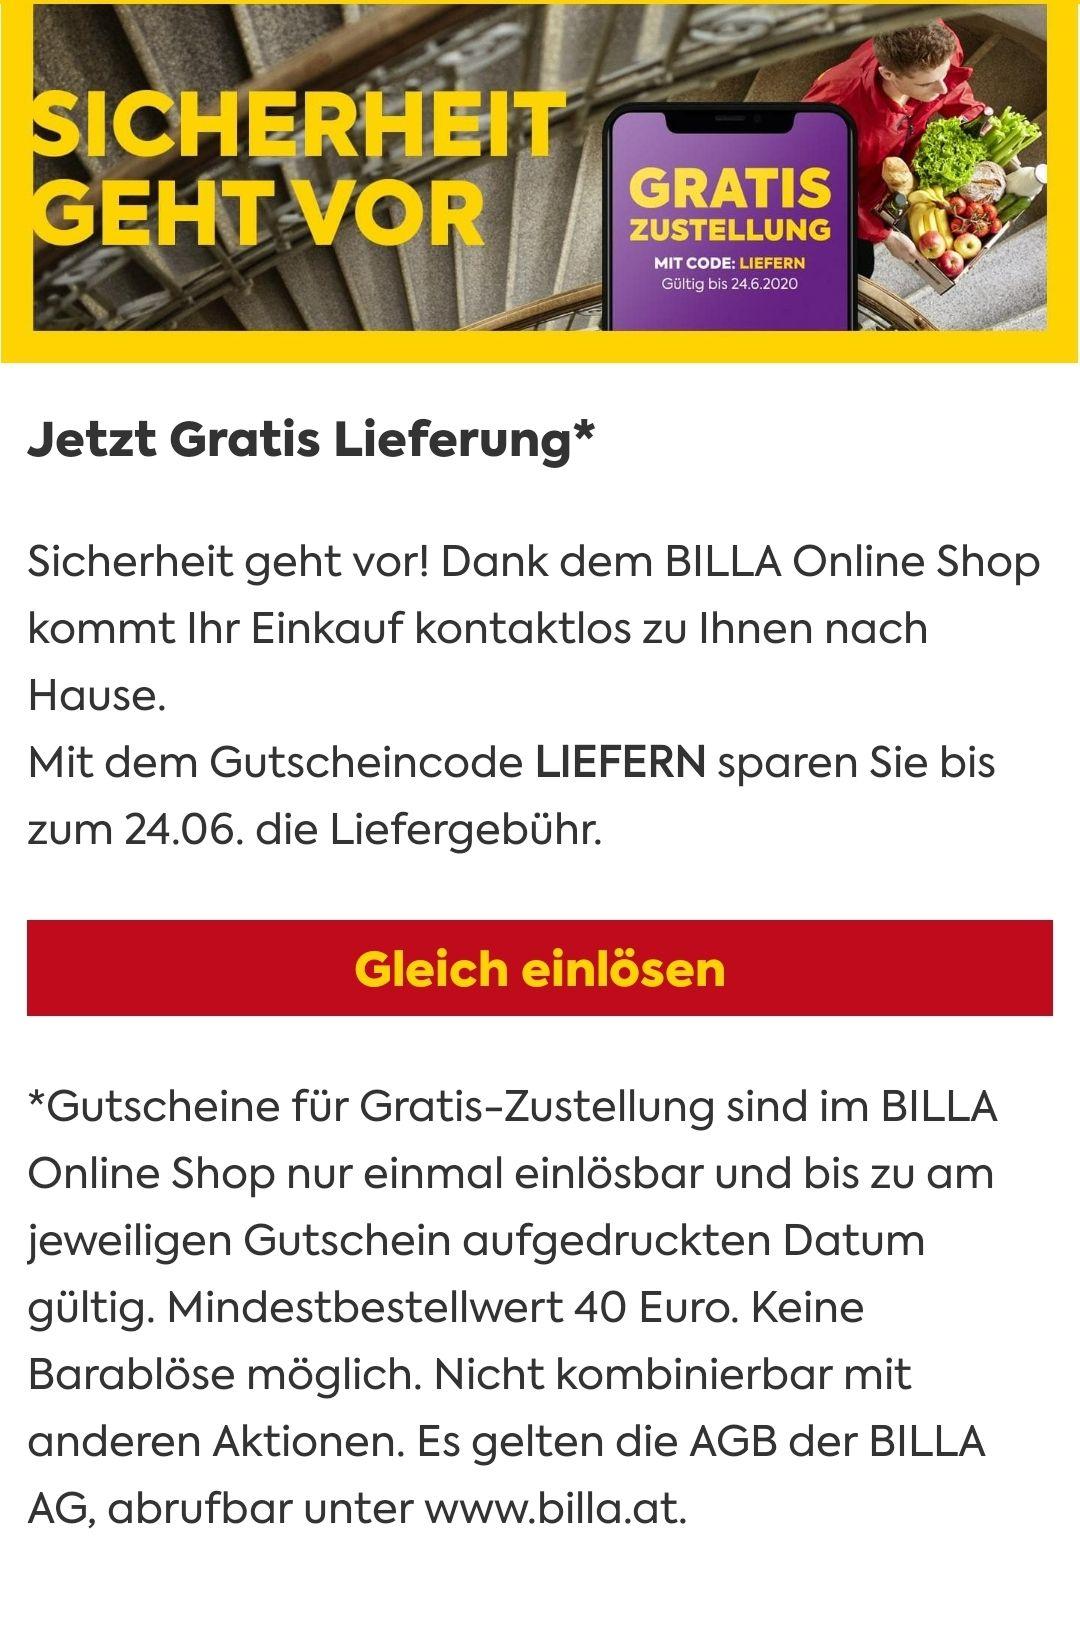 Billa Gratis Lieferung (€ 40 Mindestbestellwert)